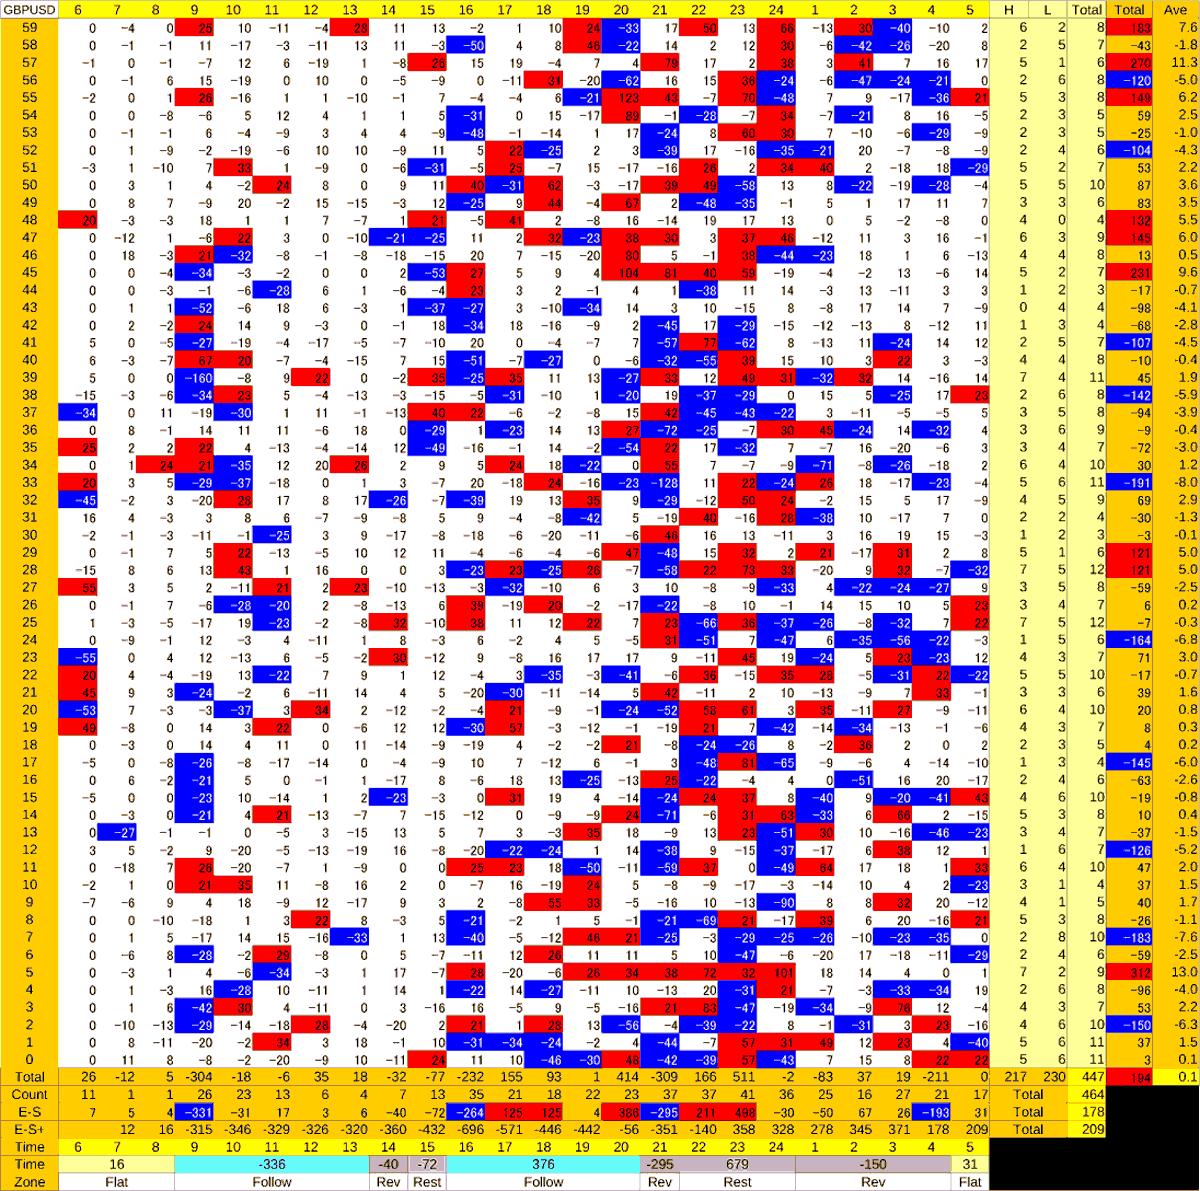 2020064_HS(2)GBPUSD